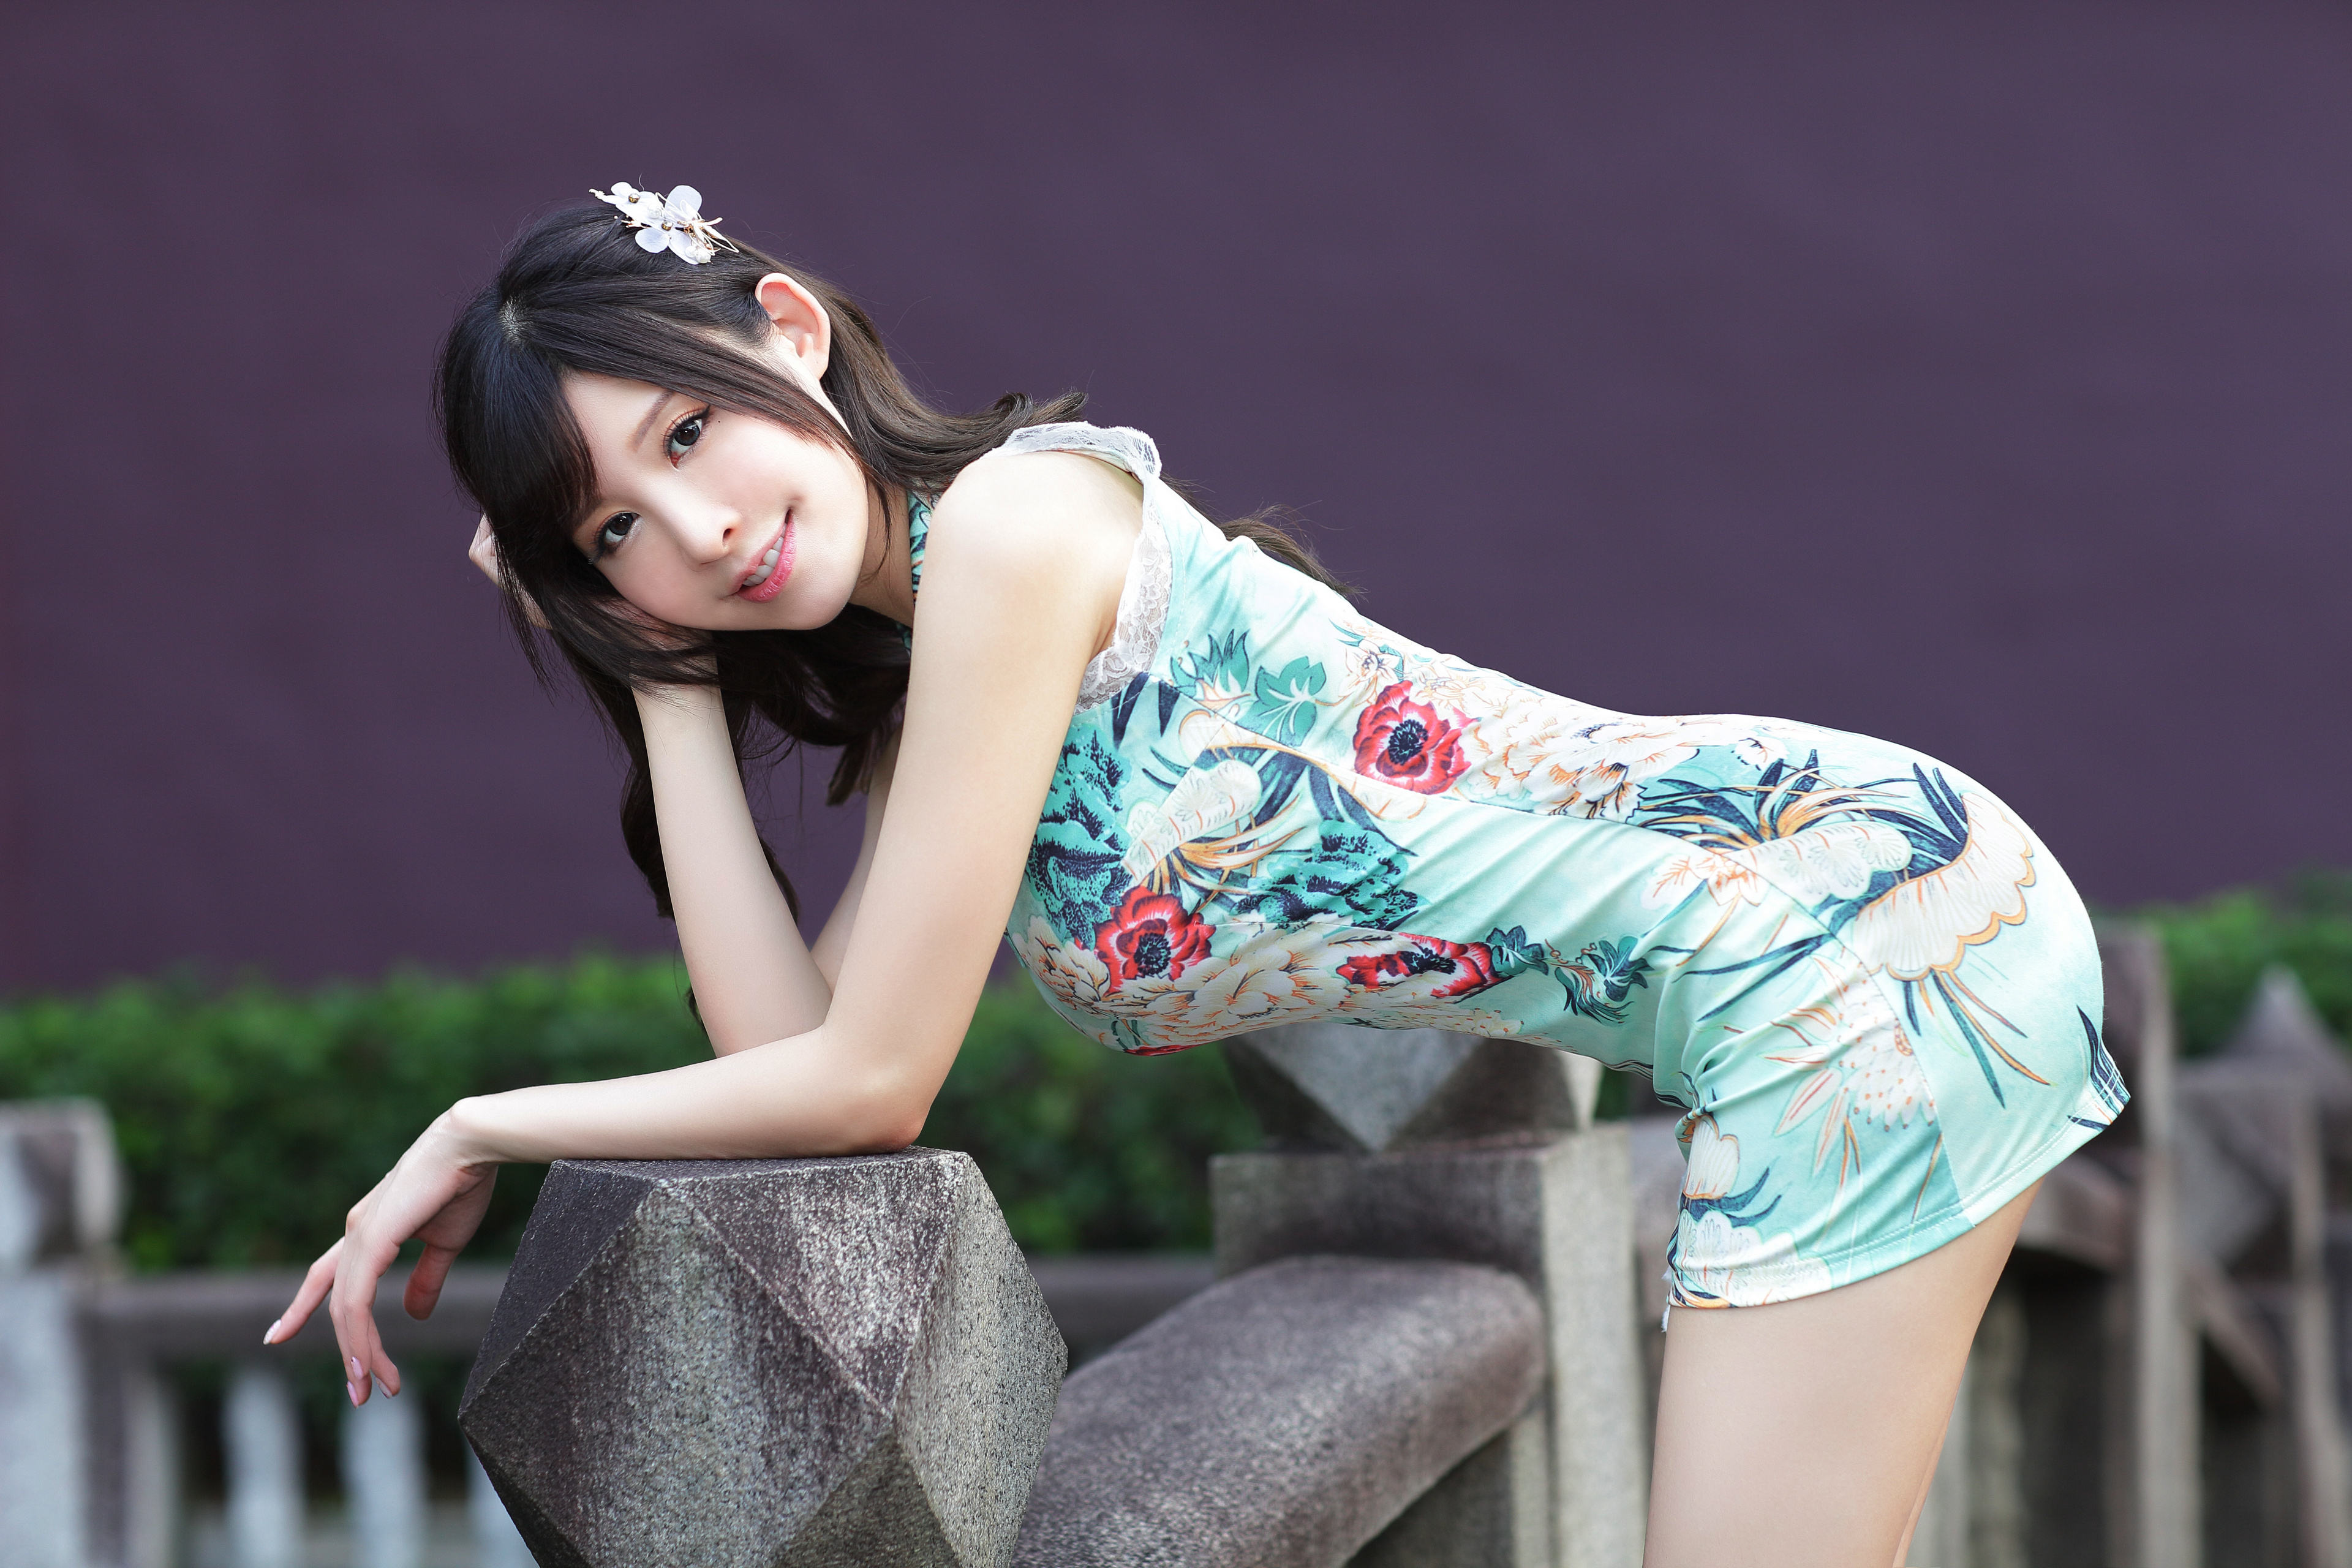 Фото Поза красивый Девушки Азиаты Взгляд платья 3840x2560 позирует красивая Красивые девушка молодая женщина молодые женщины азиатки азиатка смотрит смотрят Платье